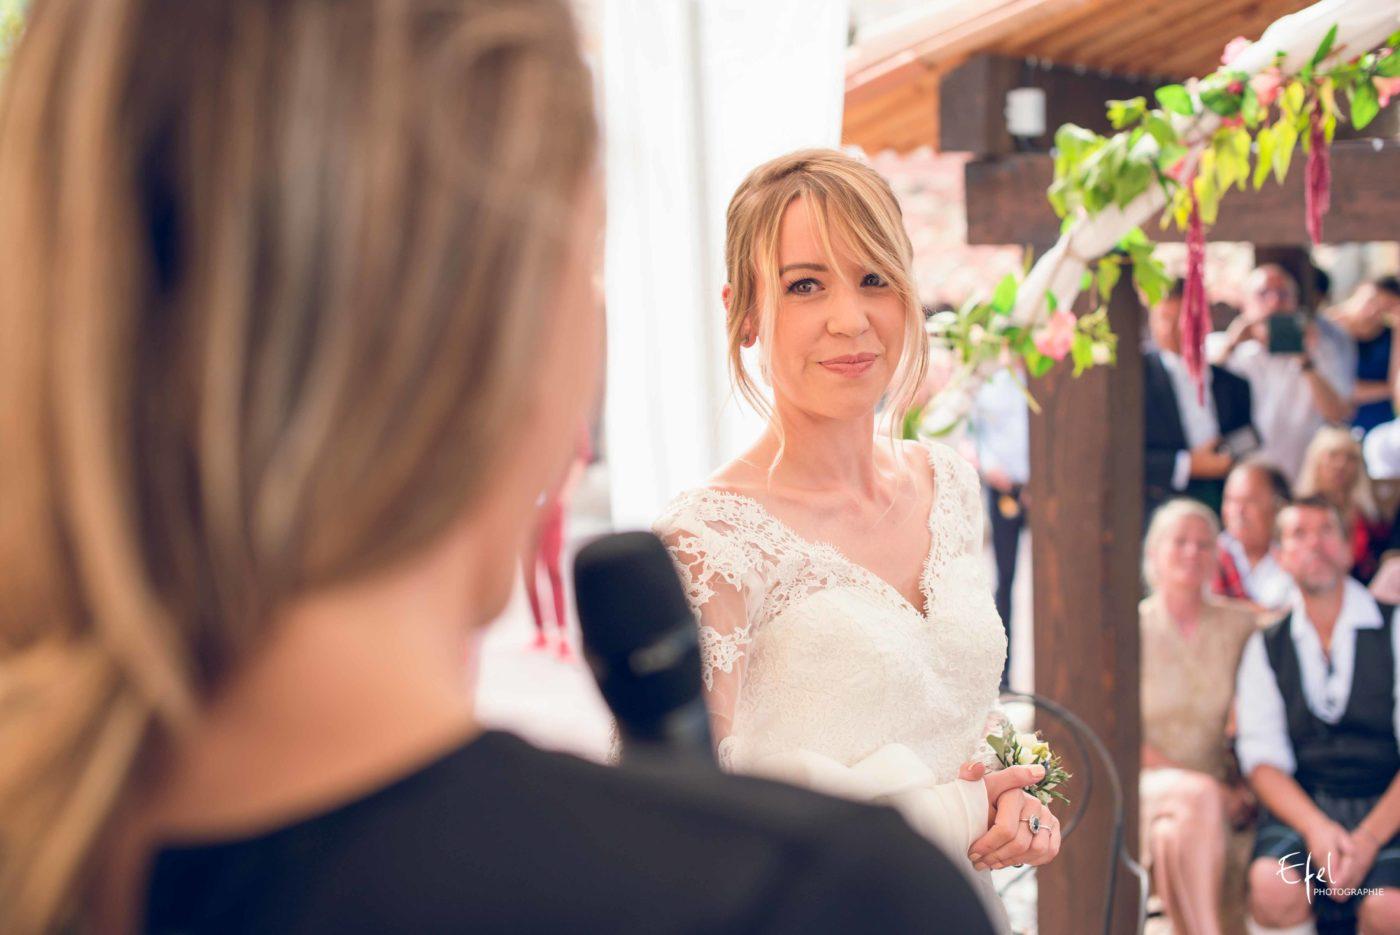 Discours de l'officiant pendant le reportage de mariage laïque - photographe mariage briançon, gap et PACA